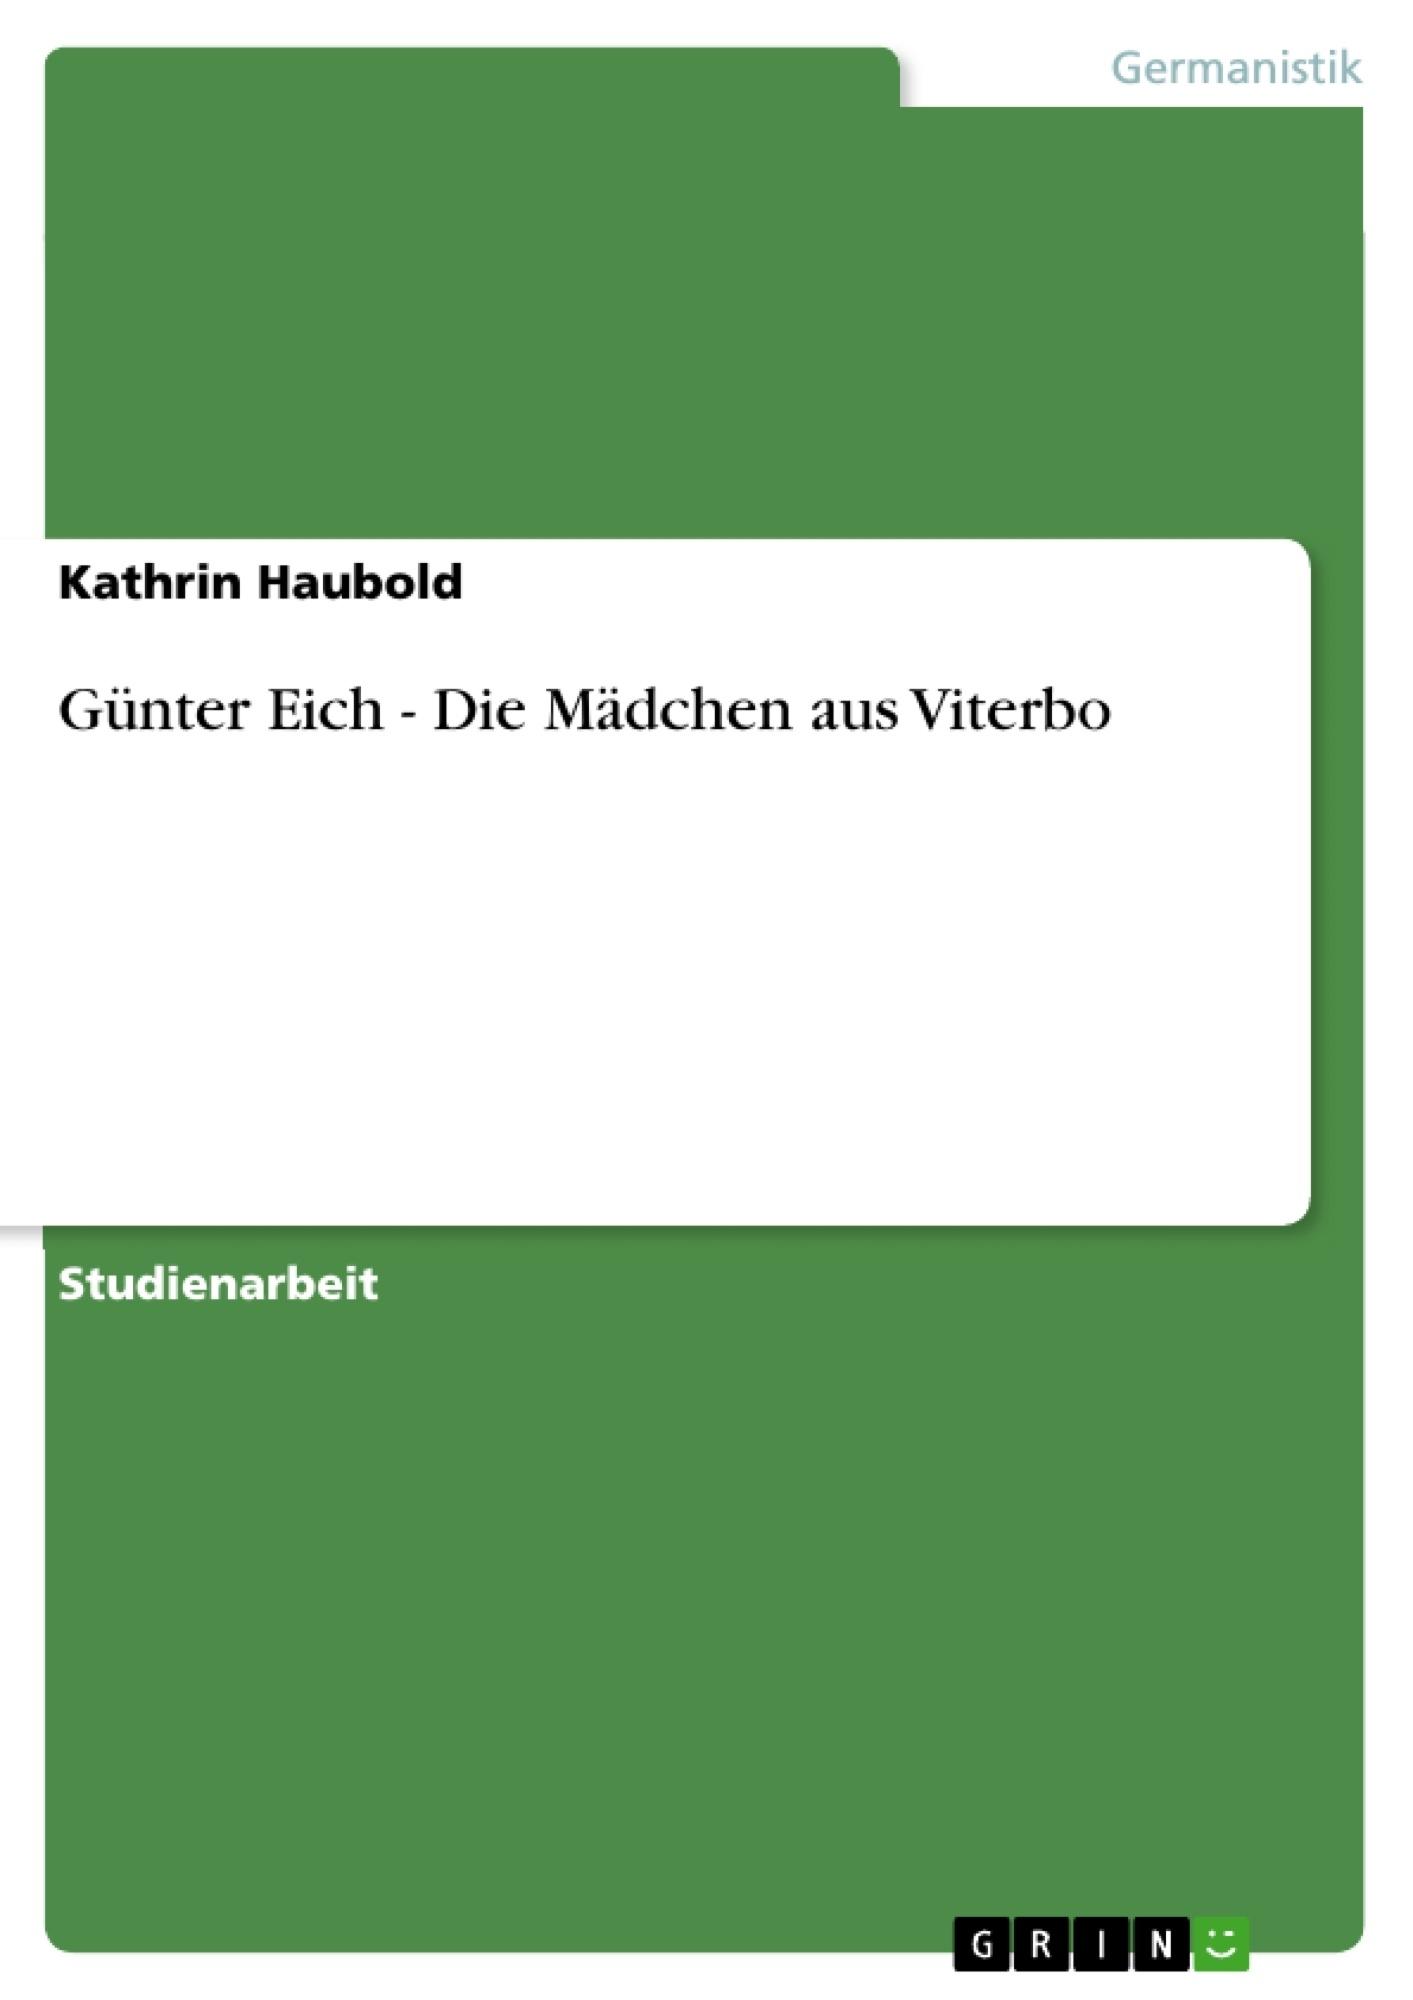 Titel: Günter Eich - Die Mädchen aus Viterbo